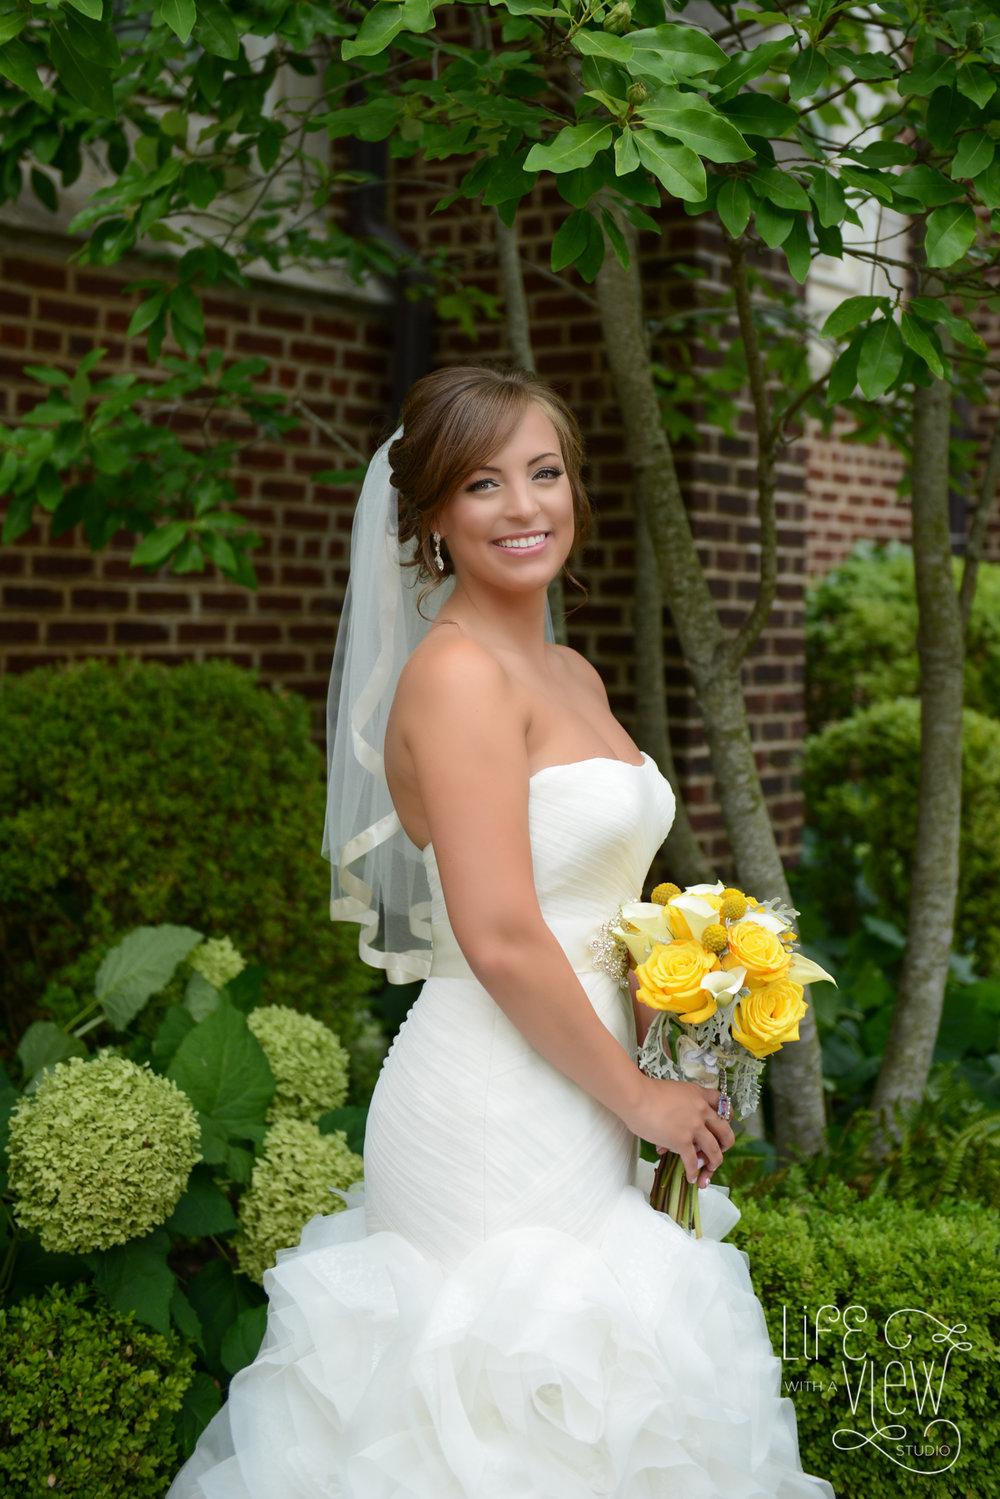 Gieger-Wedding-23.jpg